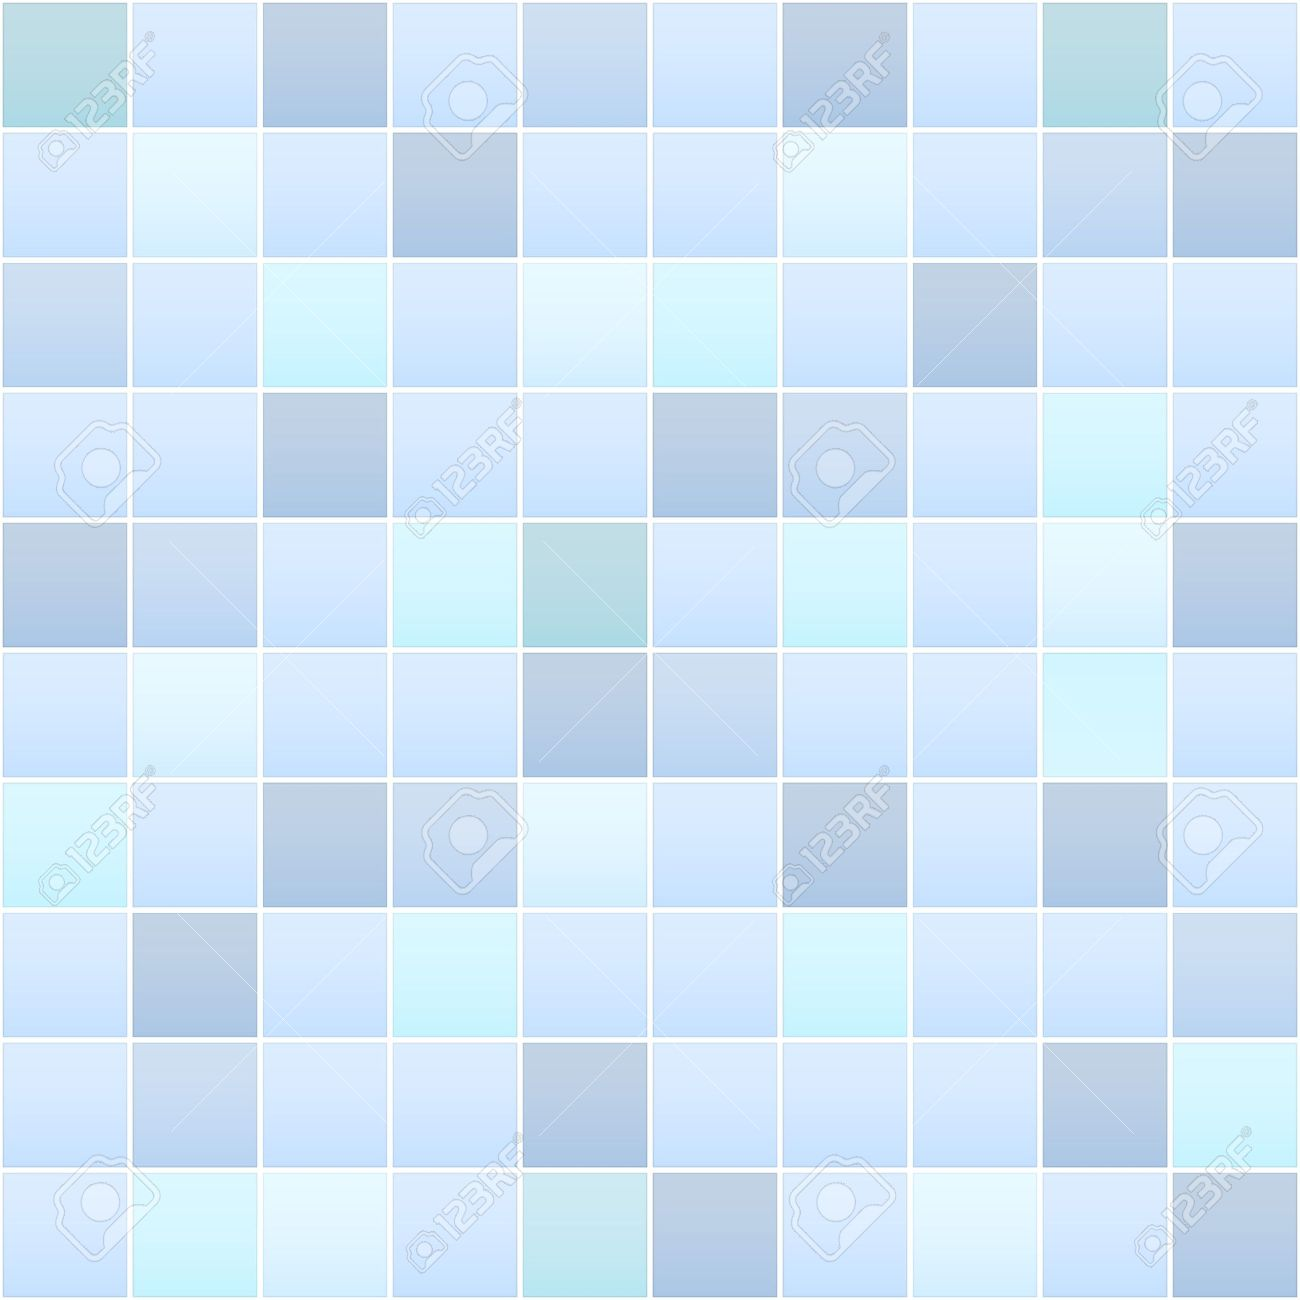 detailed illustration of a bathroom tile pattern - 17754520